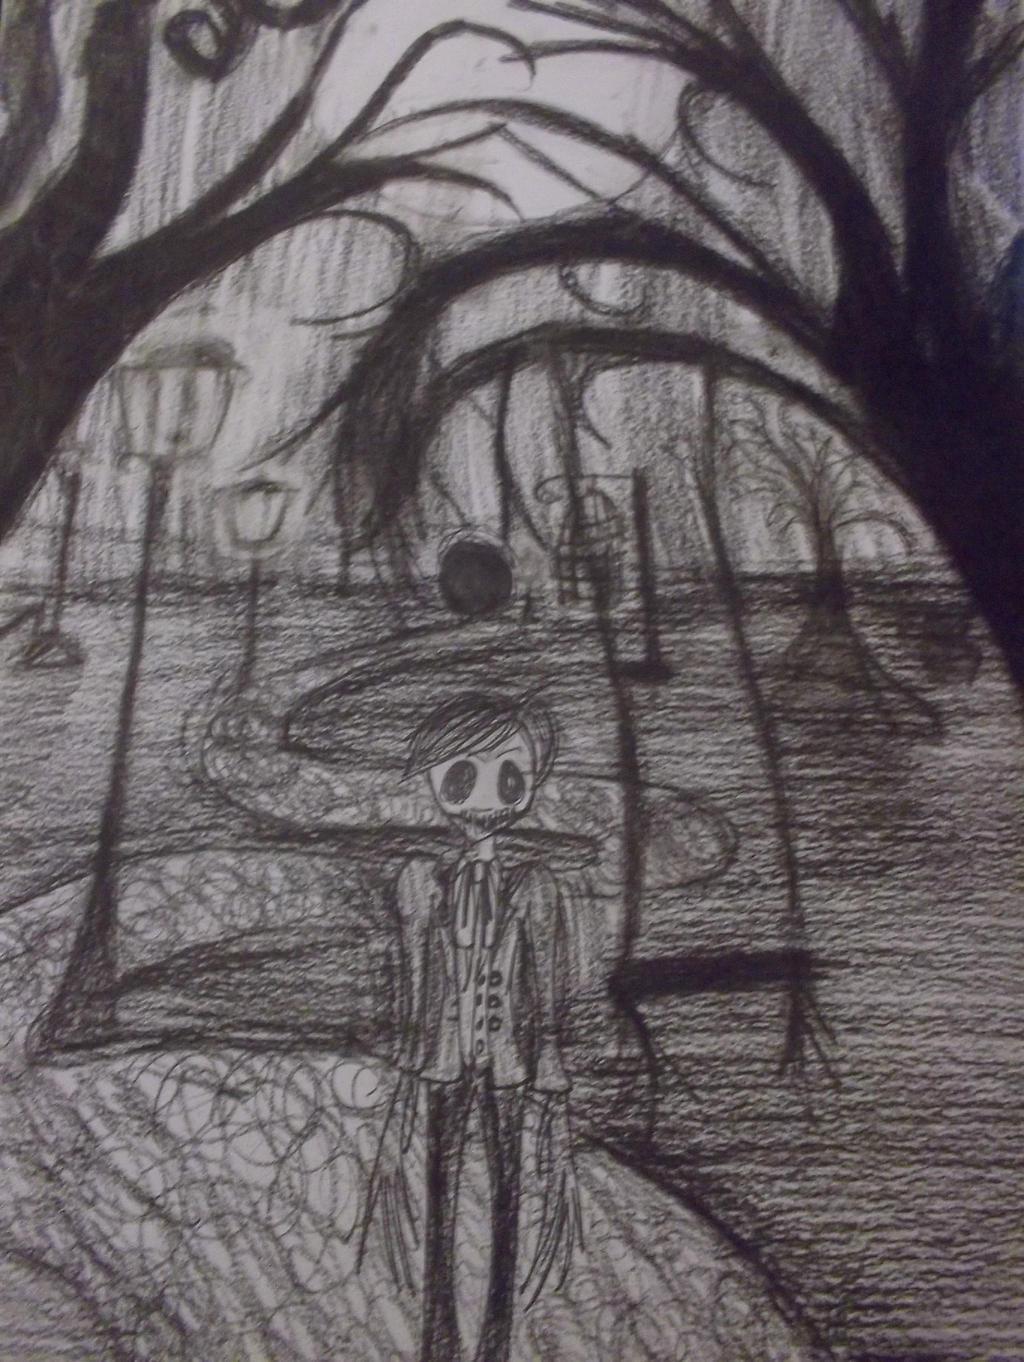 Purgatory by Chunky-Dunk